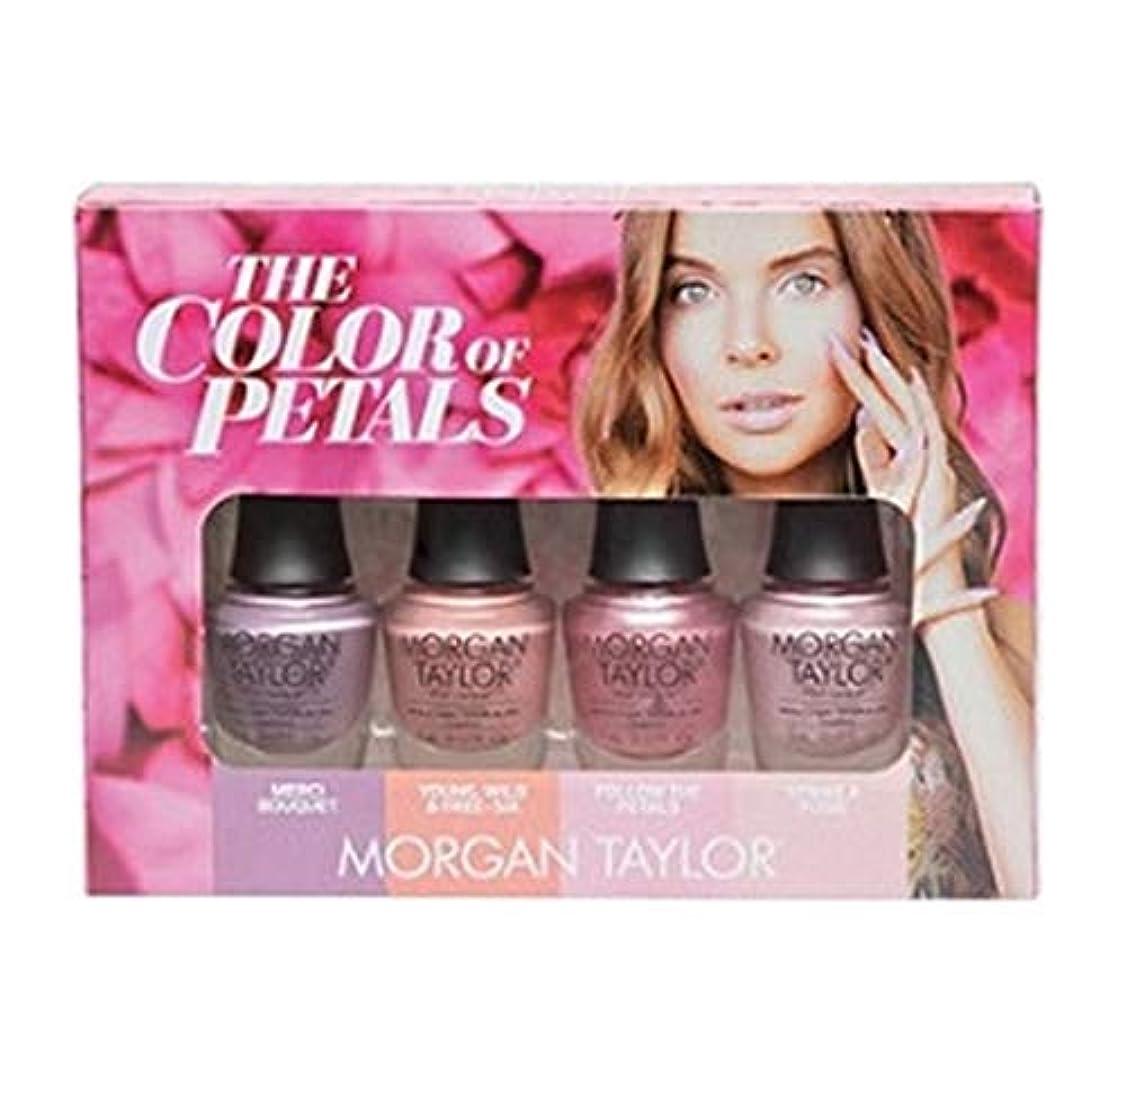 スパイラル適格危険を冒しますMorgan Taylor - The Color Of Petals Collection - Mini 4 pk - 5 mL / 0.17 oz Each